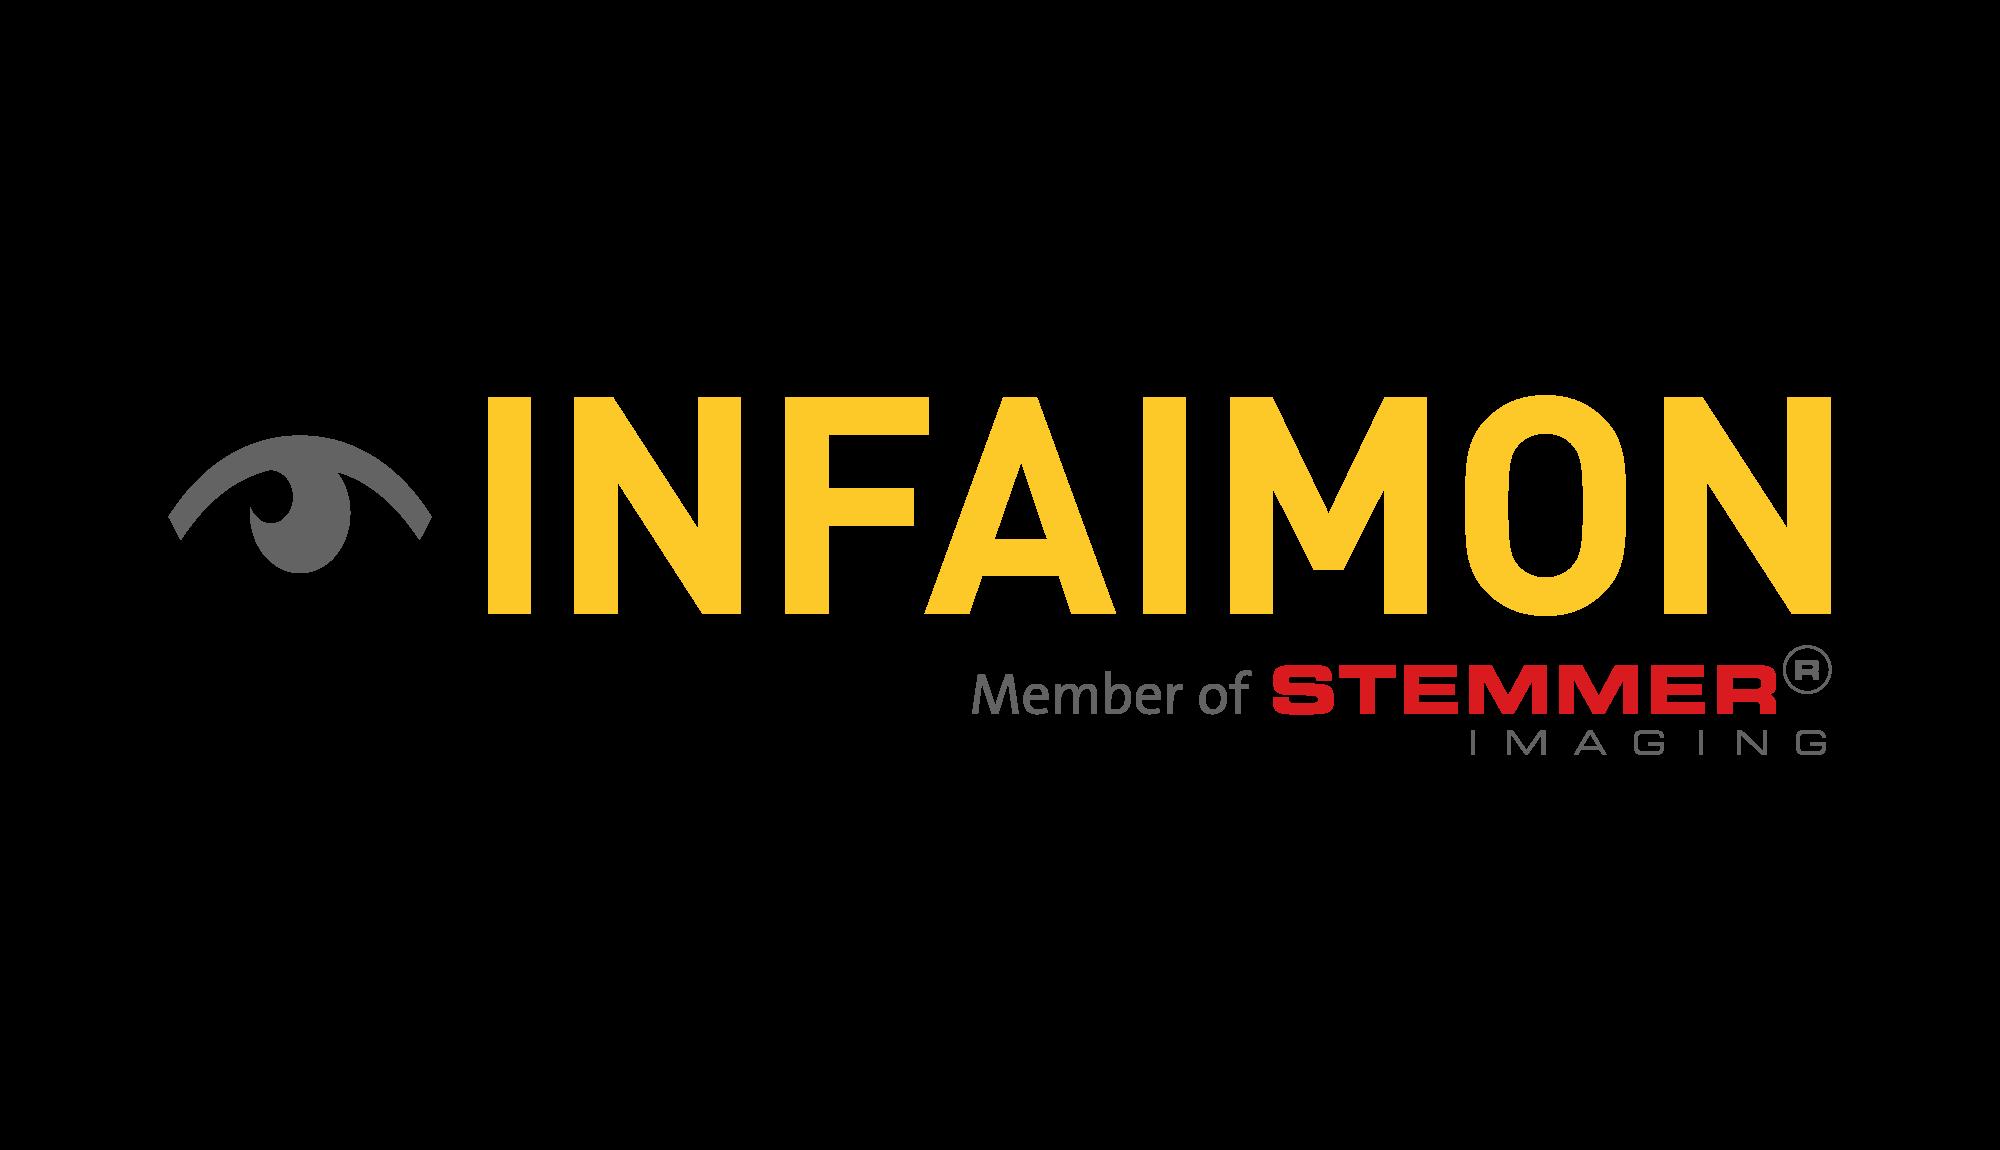 Infaimon_Stemmer